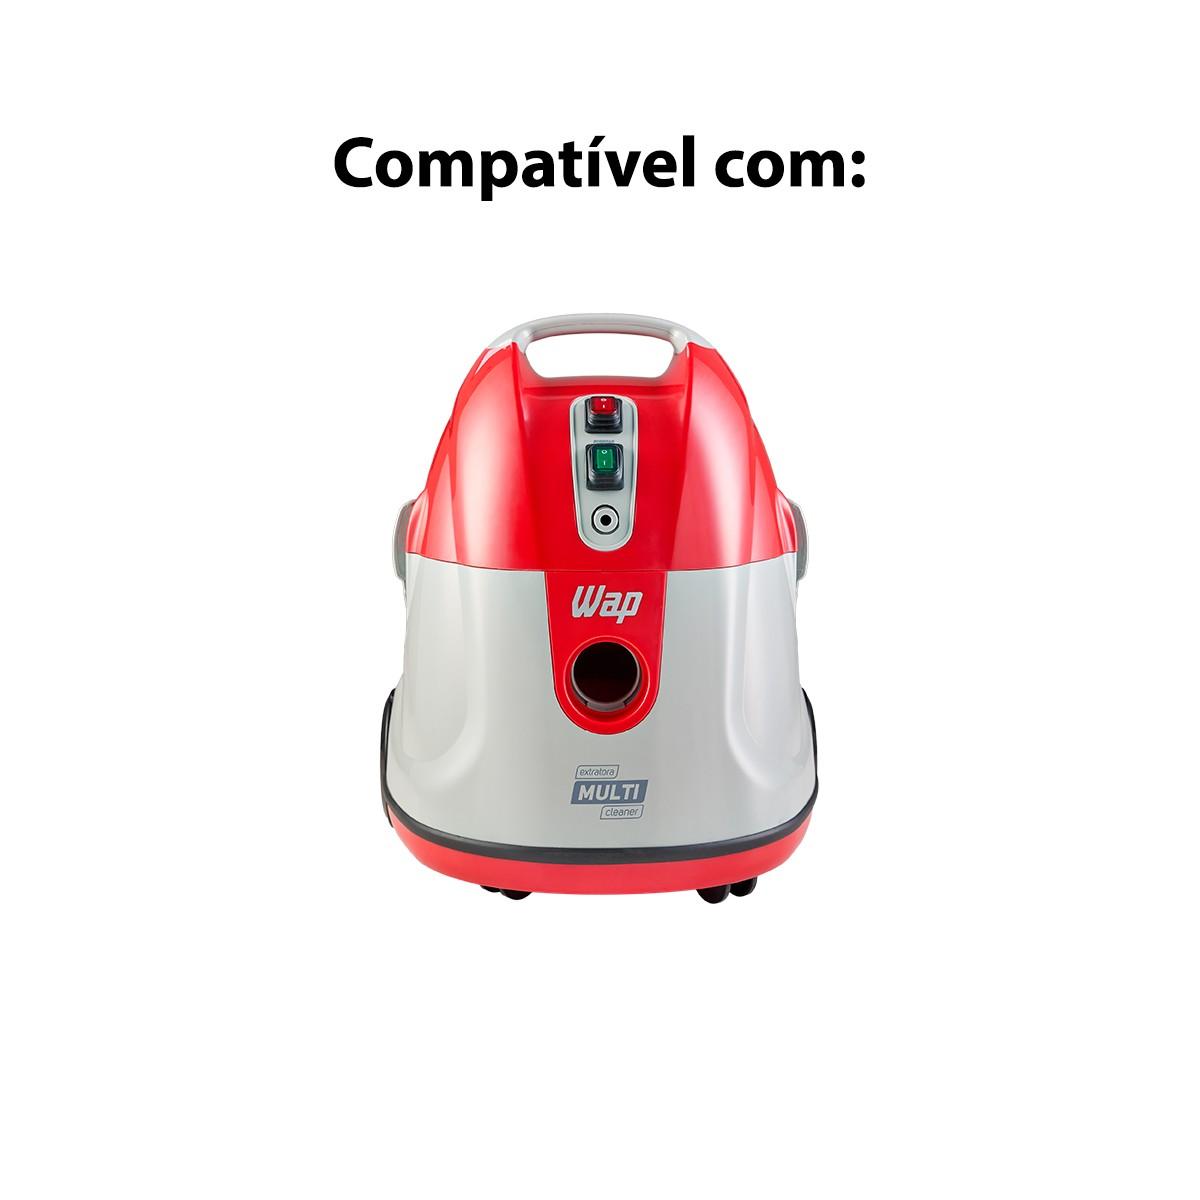 Bico Pequeno Original Wap Extratora Multi Cleaner